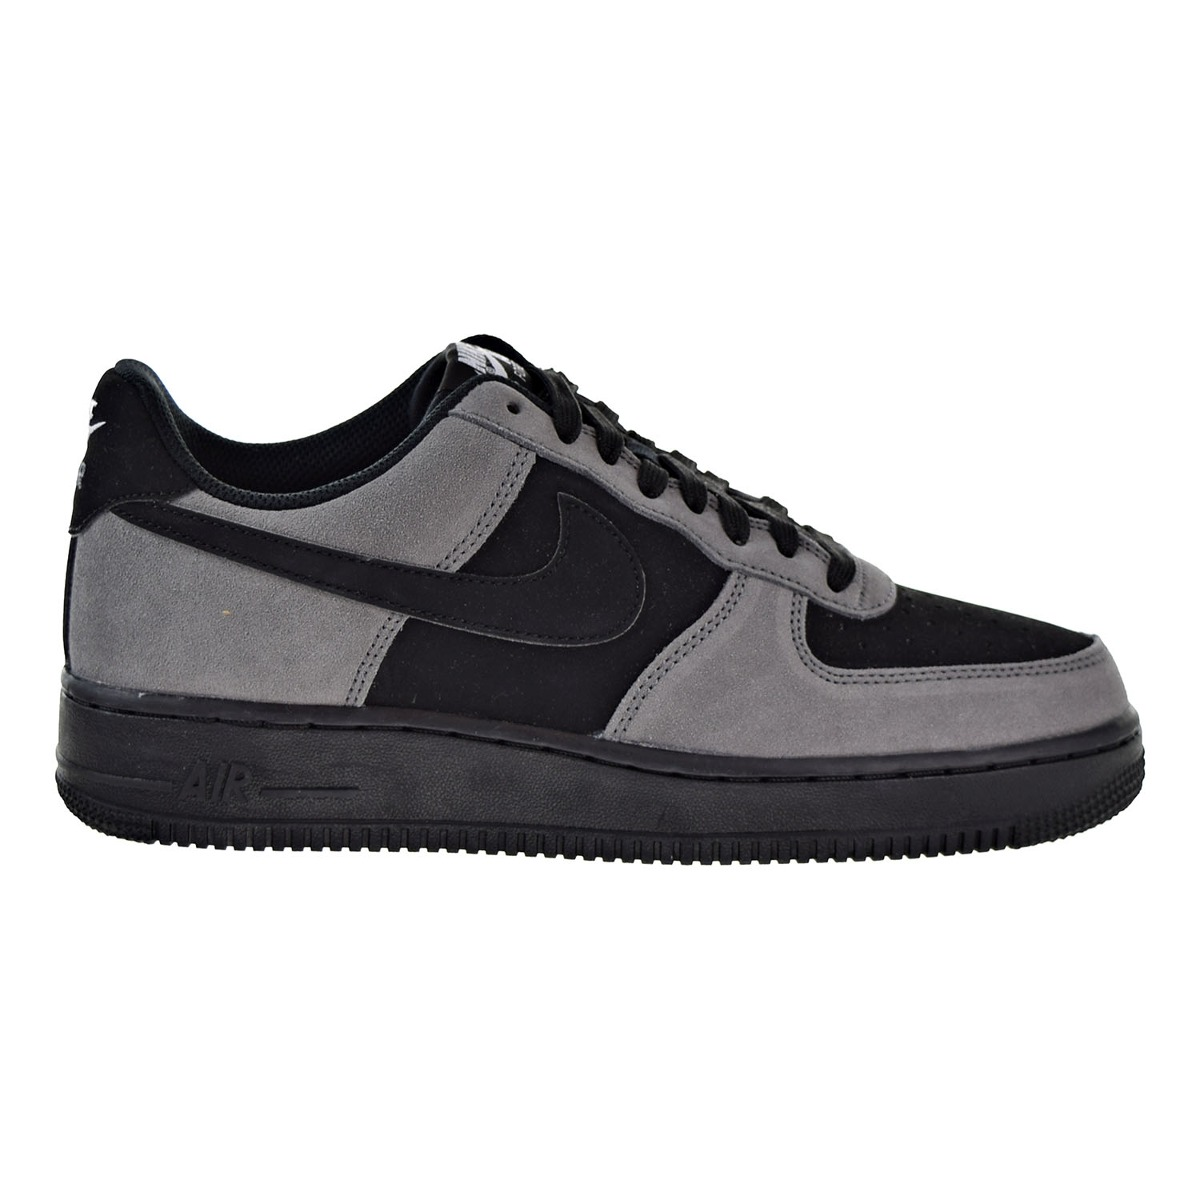 cf61d50249b40 Zapatos Hombre Nike Air Force 1  07 De Bajos Gris Oscuro -   641.360 ...